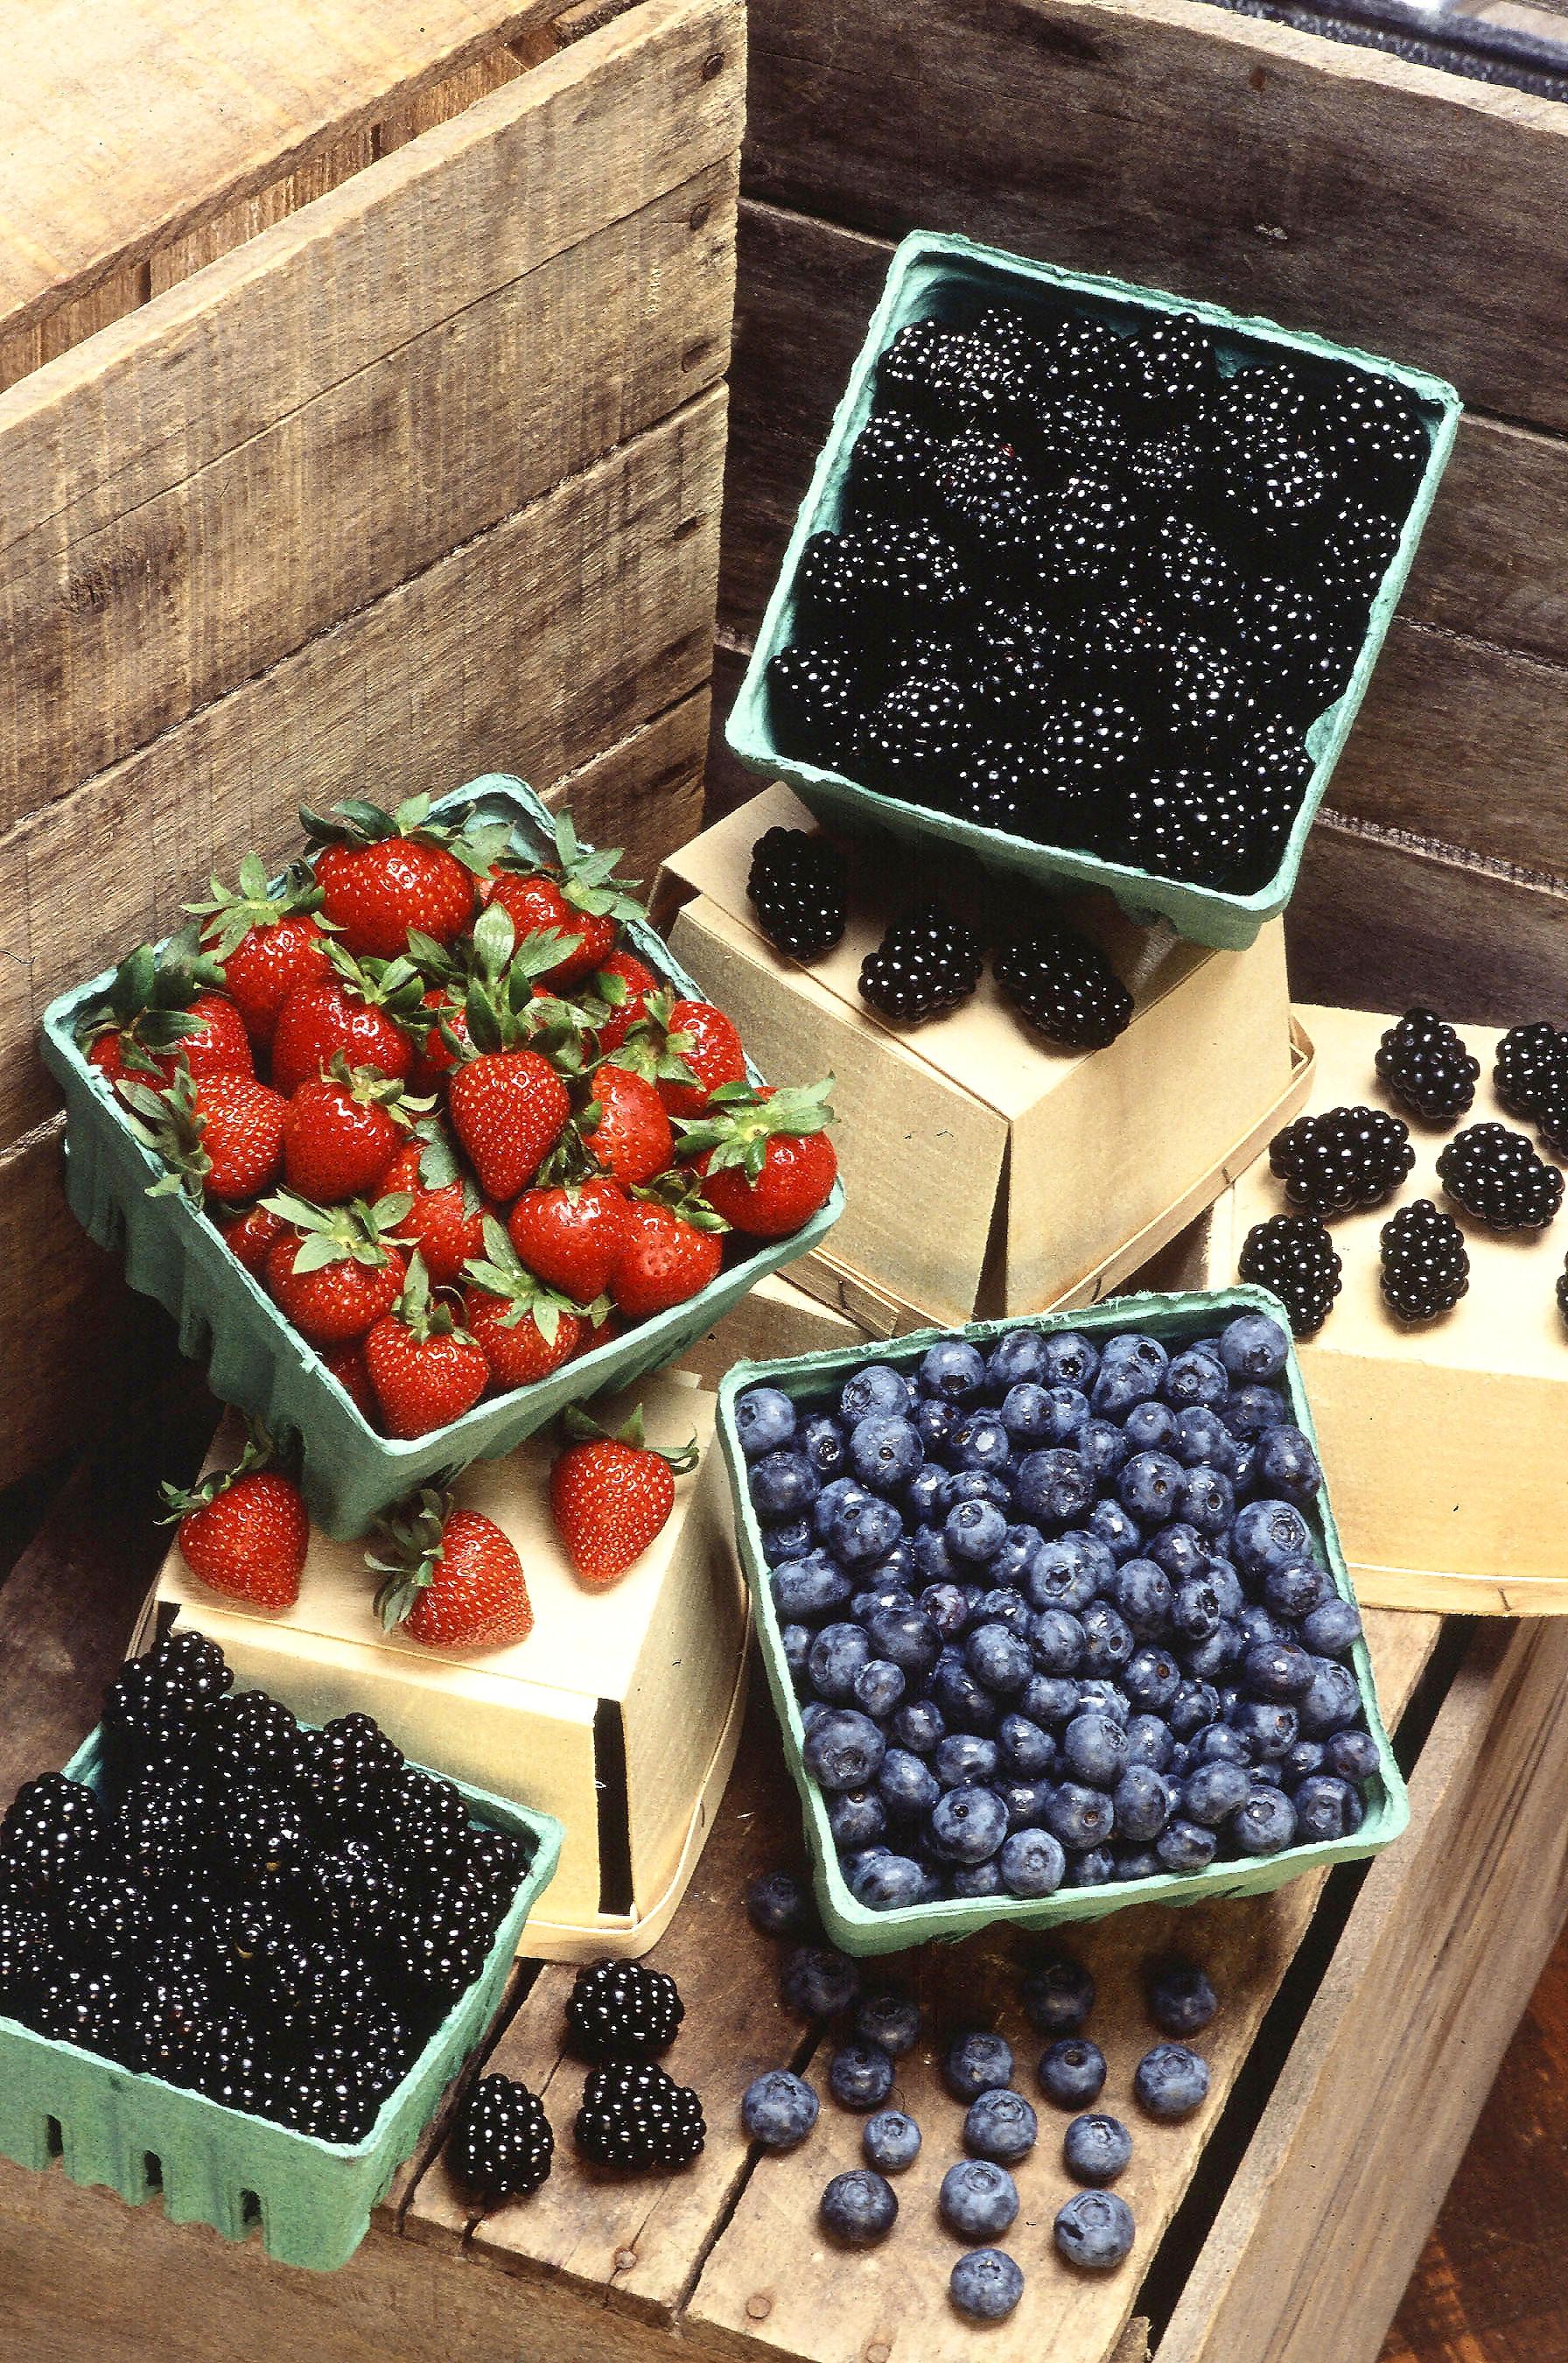 Лесные ягоды с фото: список с названиями, отличия между съедобными и ядовитыми, правила сбора